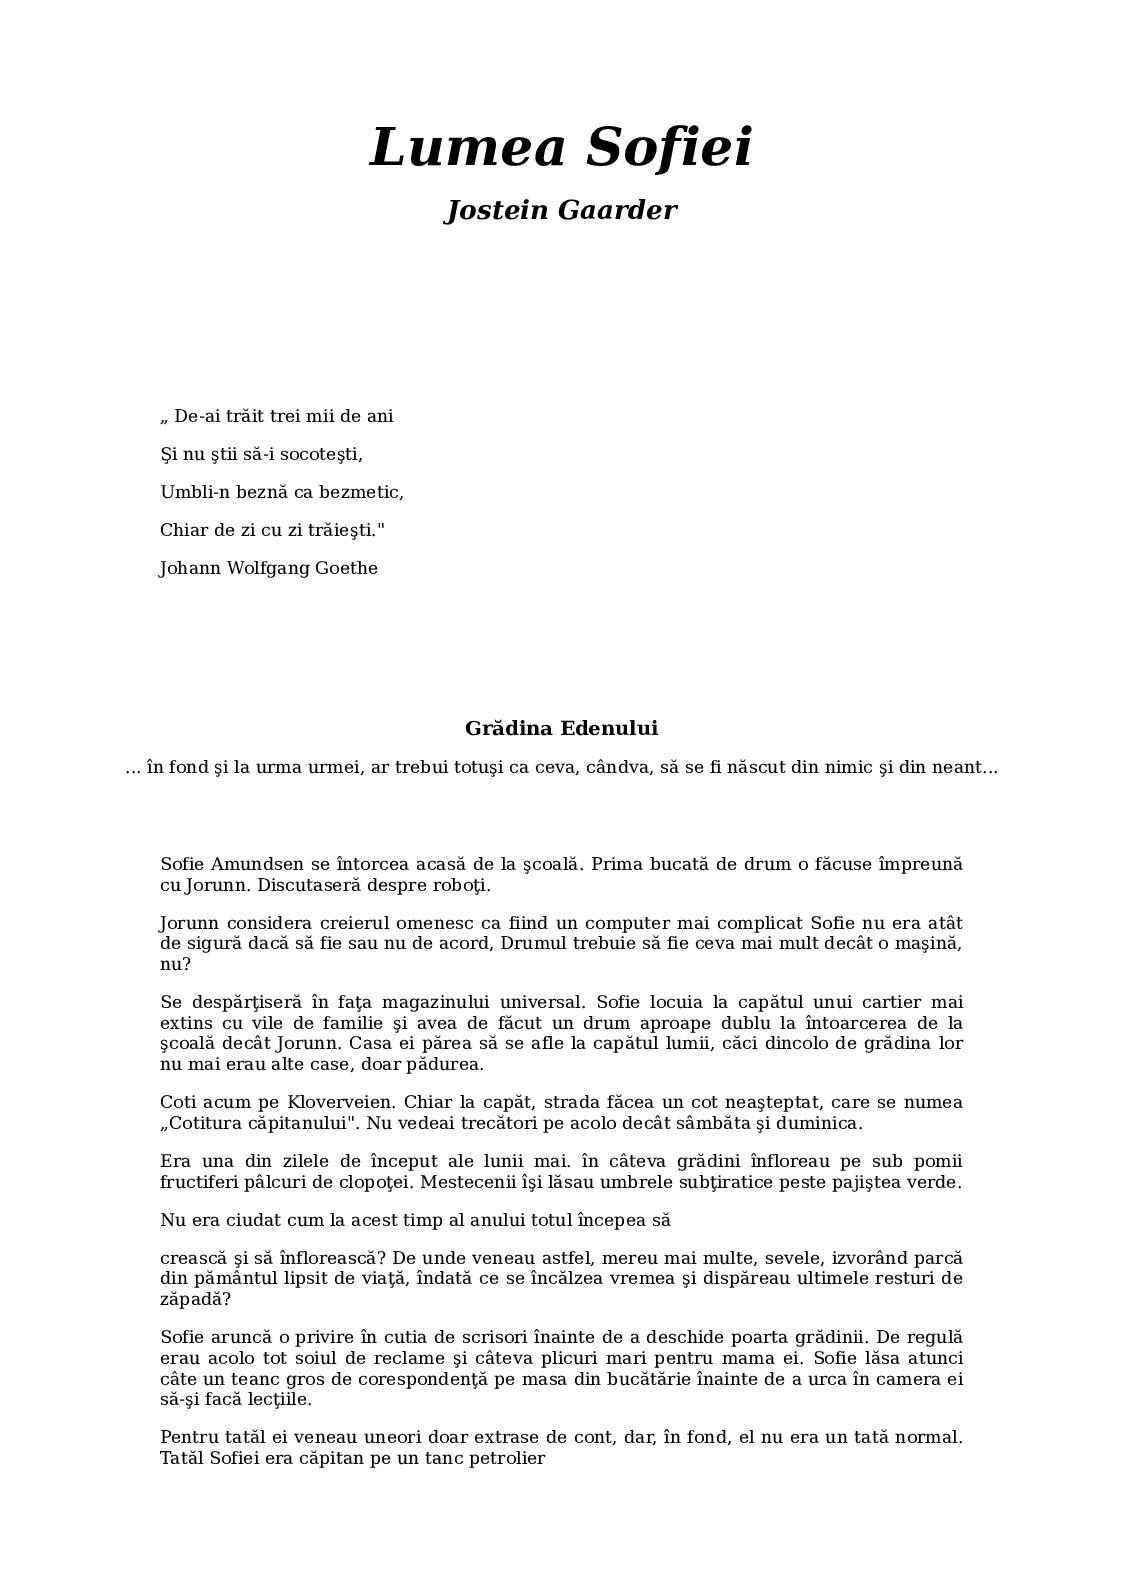 ROMÂNIA FURATĂ. Bancorex, un faliment prin grija statului